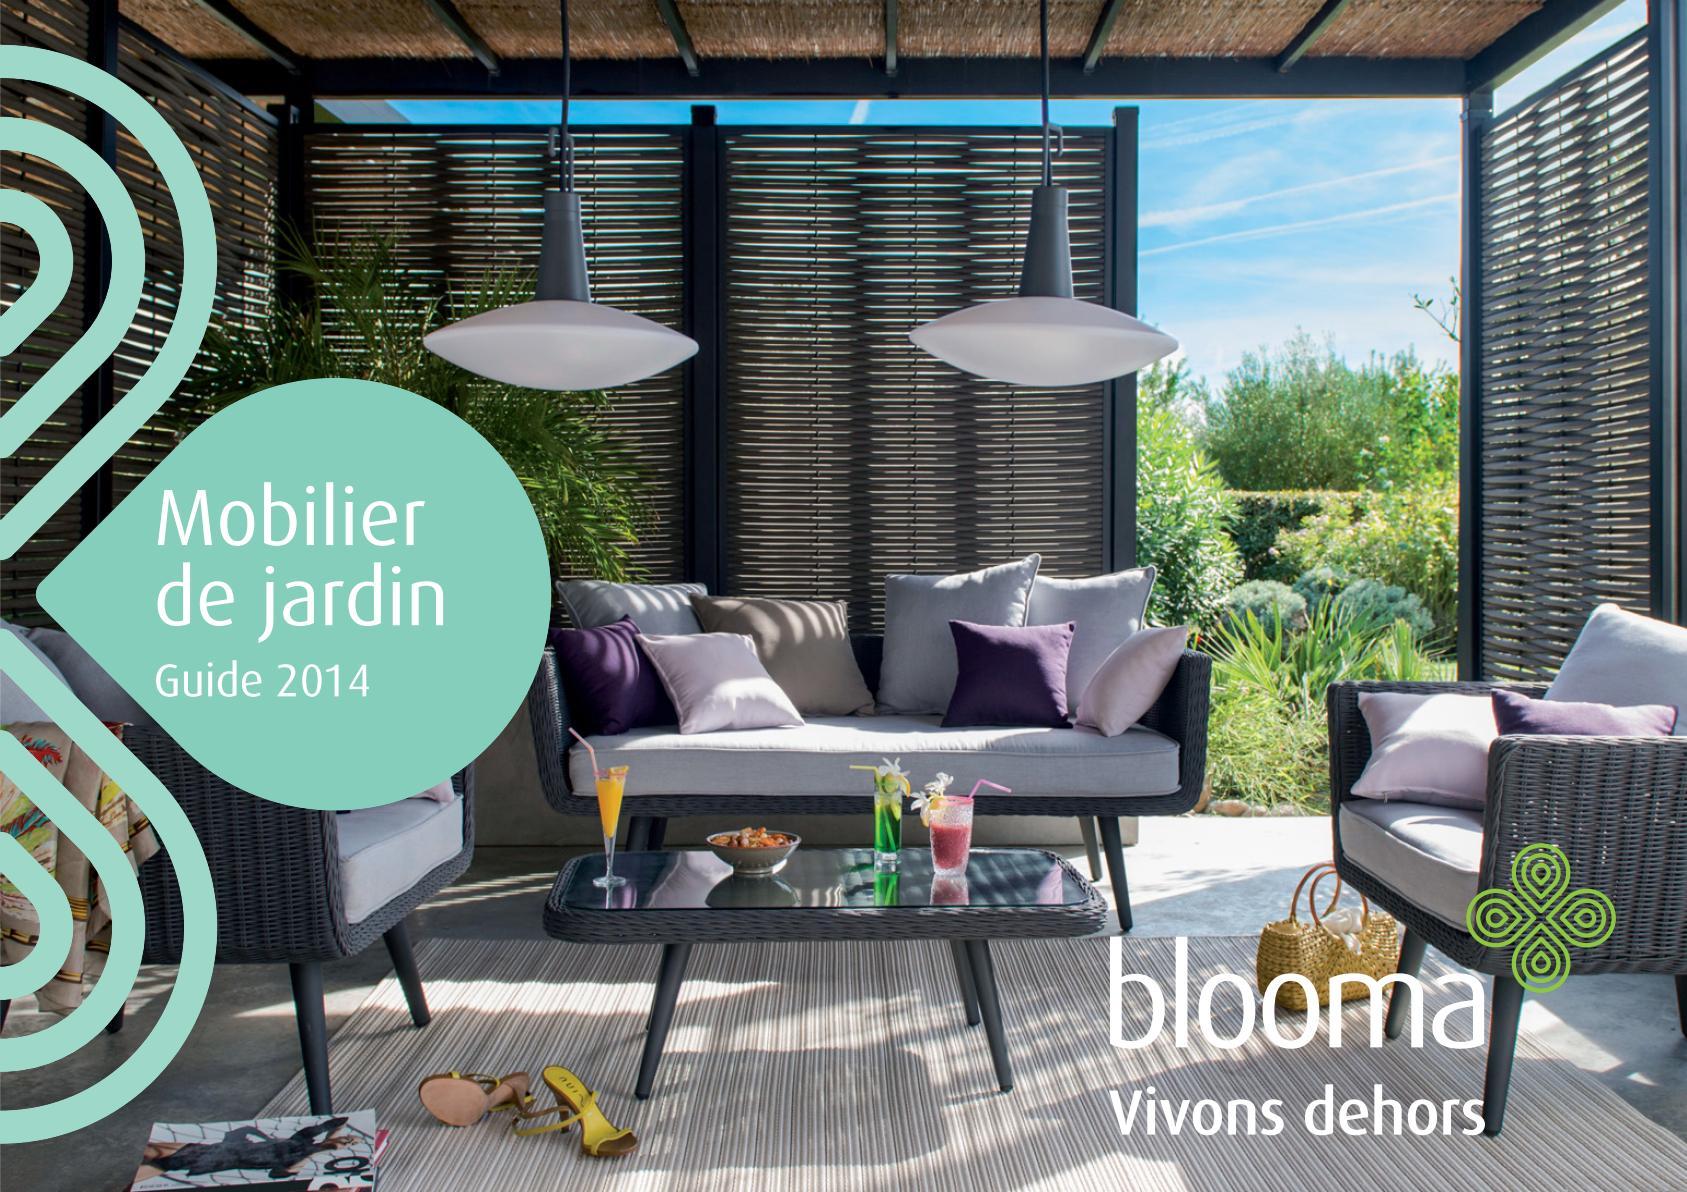 Catalogue Castorama Blooma Mobilier De Jardin 2014 ... intérieur Mobilier De Jardin Blooma